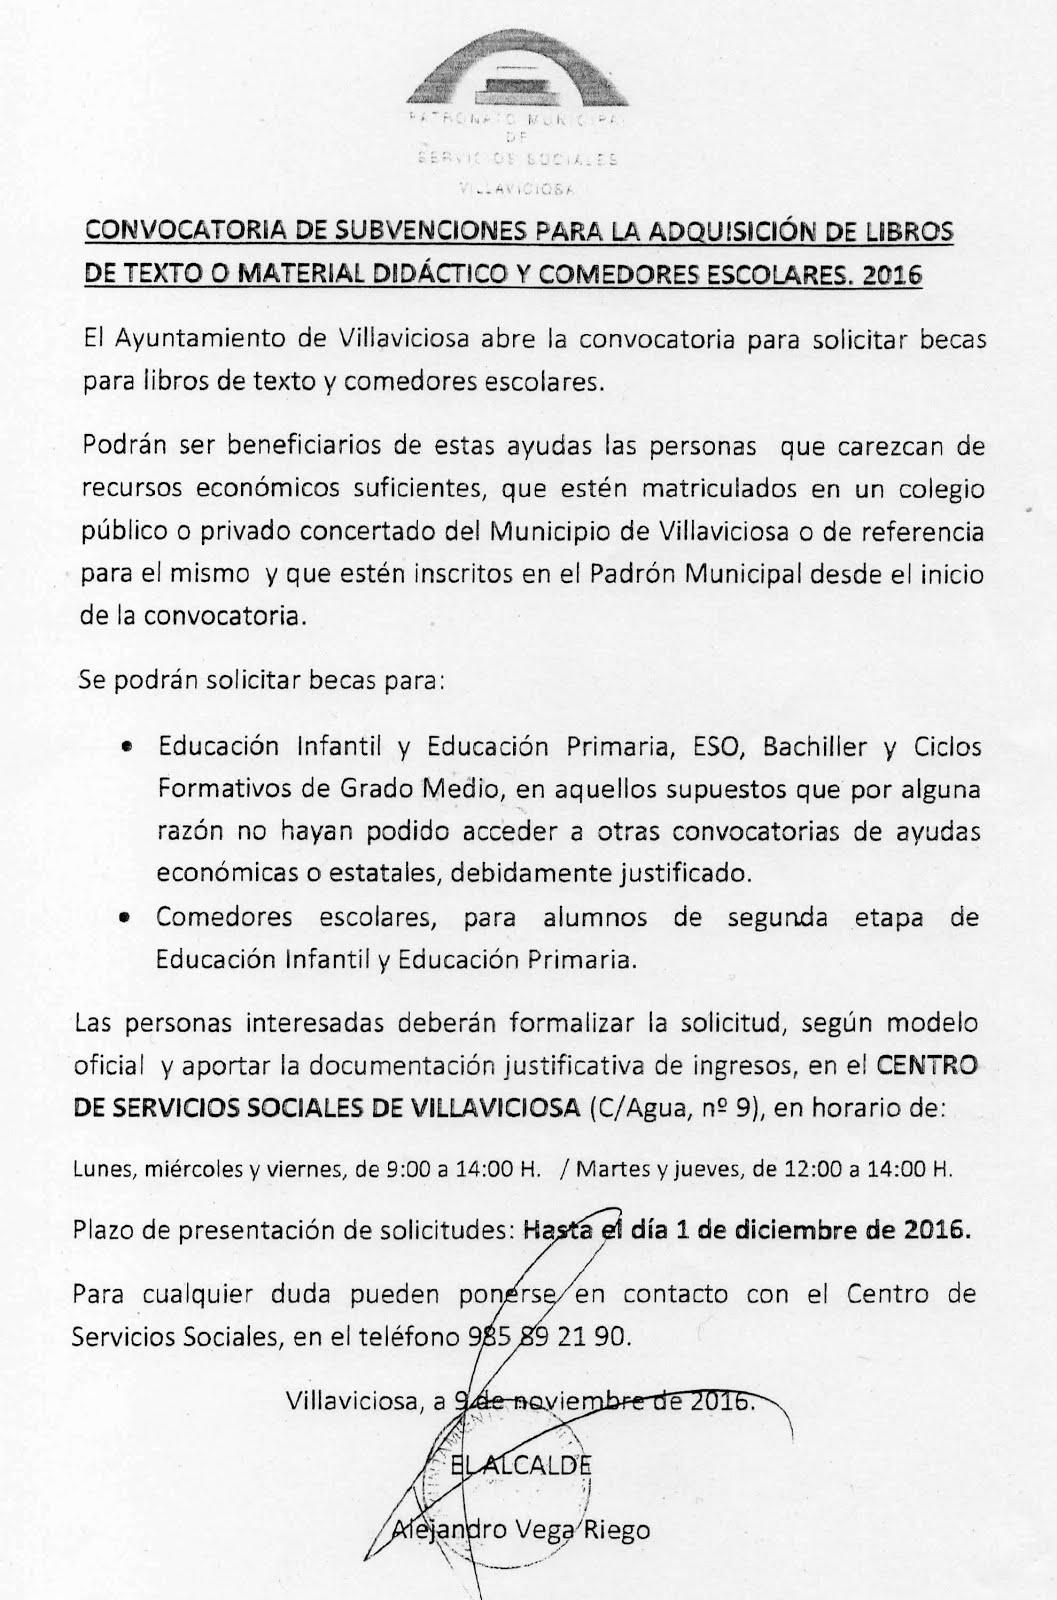 SUBVENCIONES MUNICIPALES APARA LIBROS DE TEXTO, MATERIAL DIDÁCTICO Y COMEDORES ESCOLARES